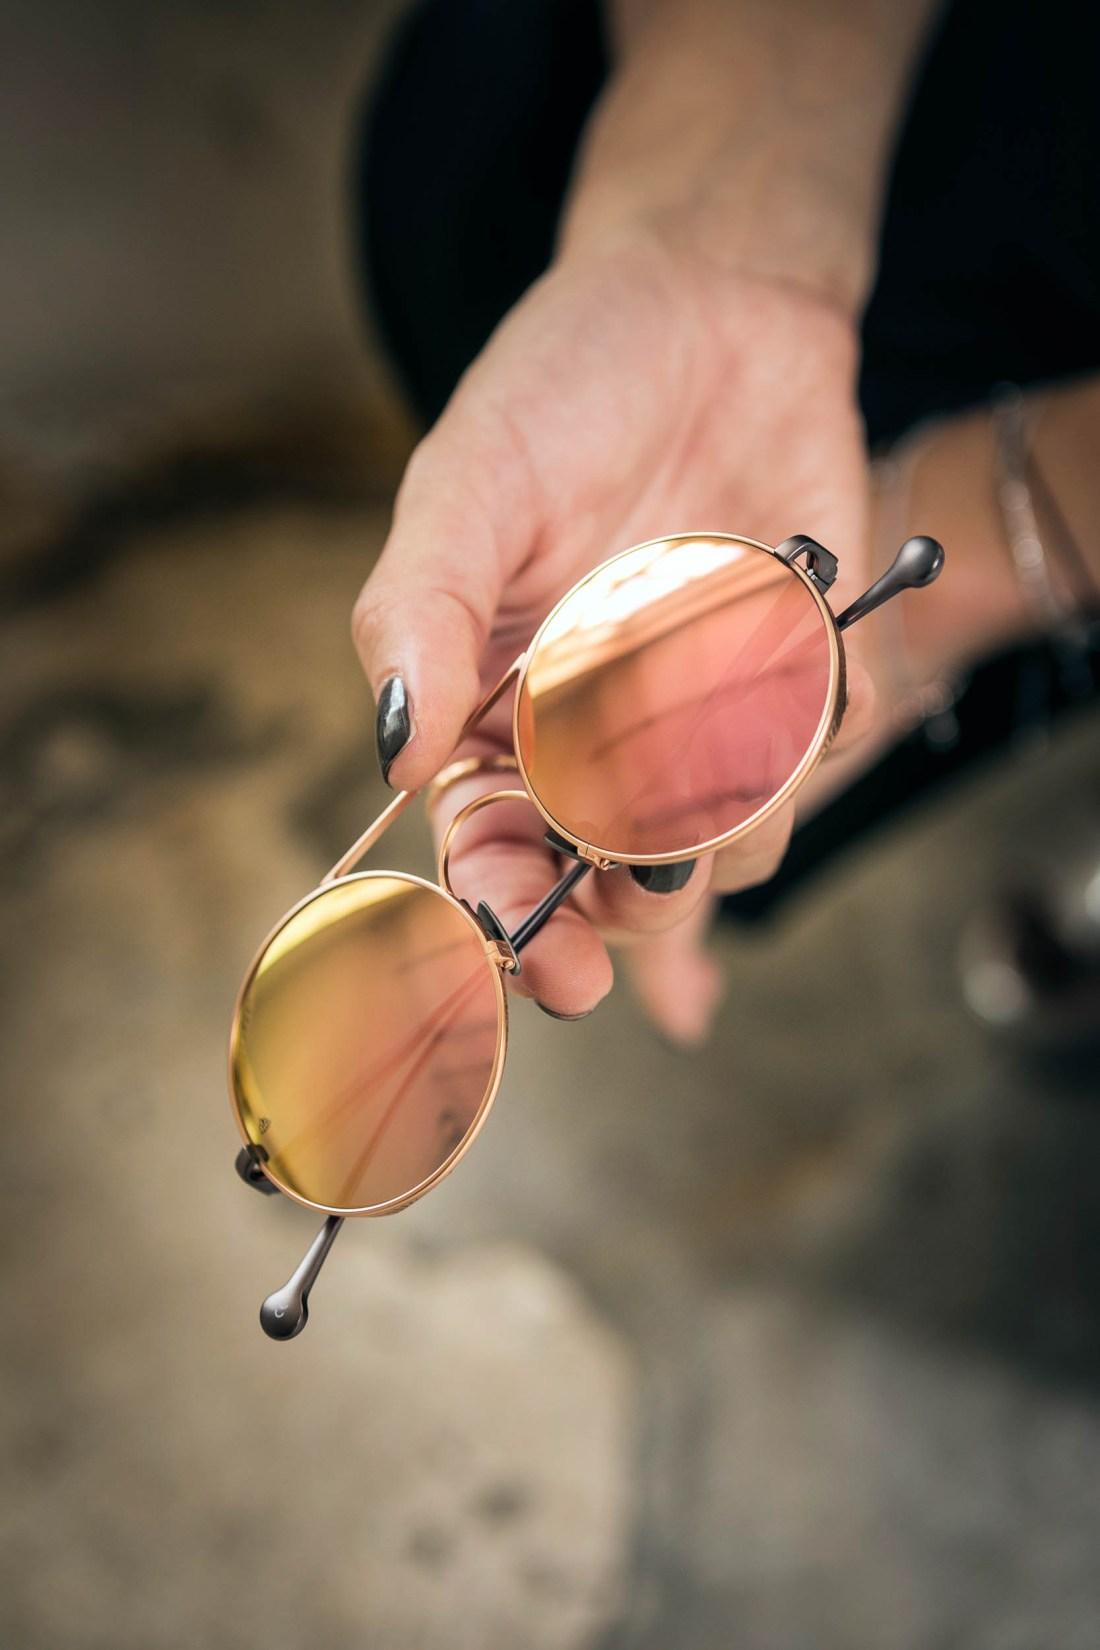 Einstoffen, Eyewear, Sunglasses, Brille, Sonnenbrille, faceprint